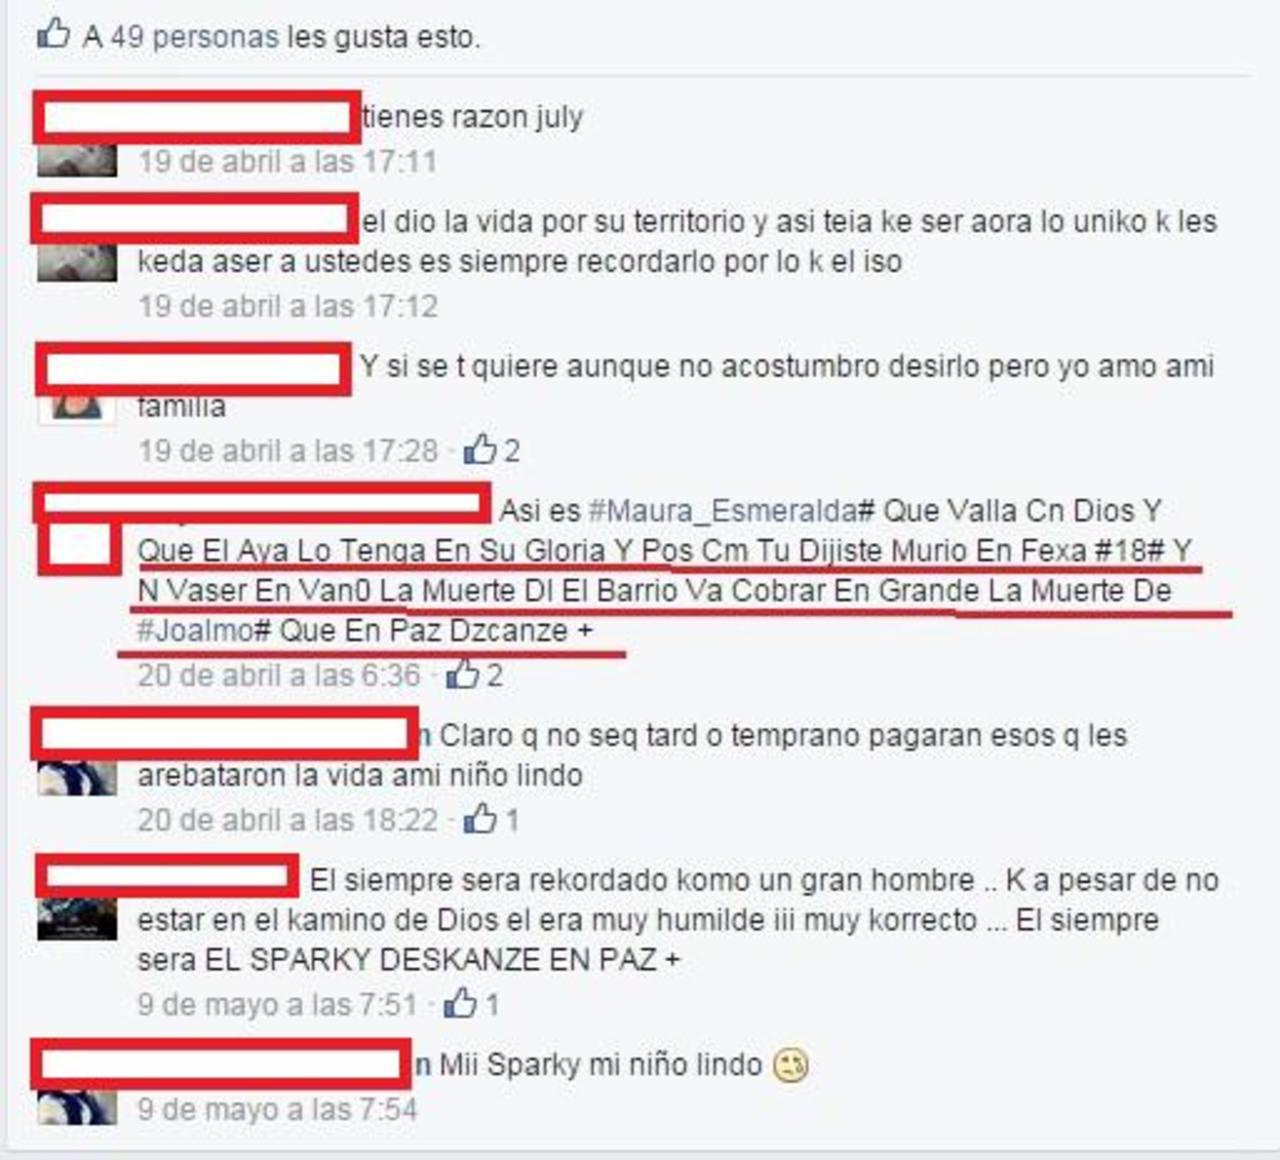 En cuentas de Facebook de pandilleros es común que exijan venganza luego de que uno de sus miembros muere.